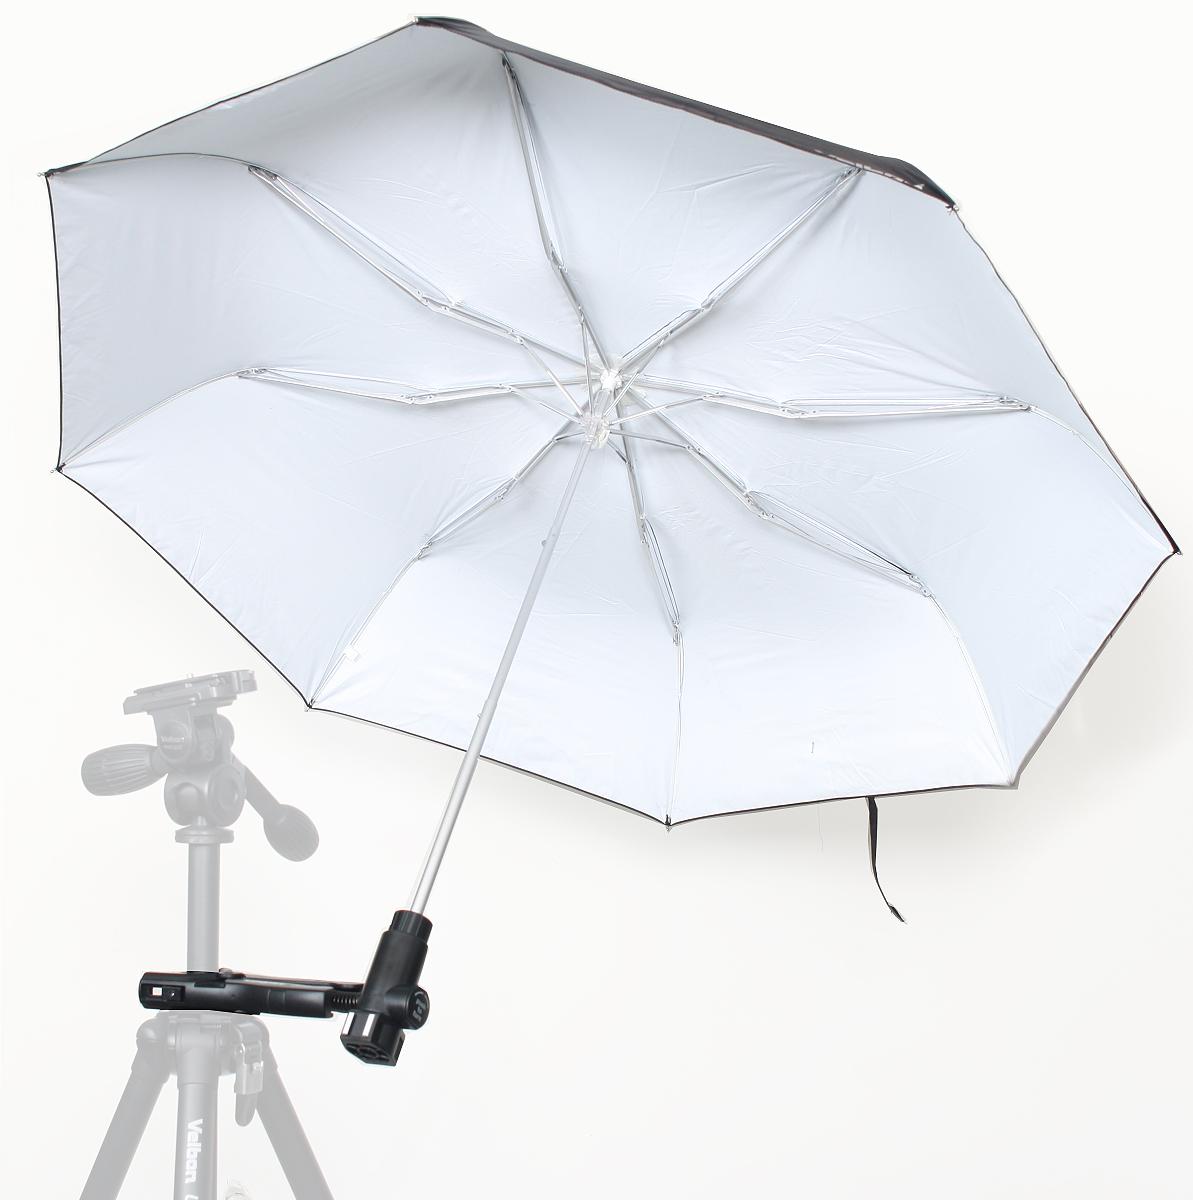 当店限定 予約販売 ポイント2倍 40%OFFの激安セール 在庫処分特価 Velbon UC-6アンブレラセット 02P05Nov16 送料無料 フラッシュ用アンブレラ 撮影時のカメラ用の傘